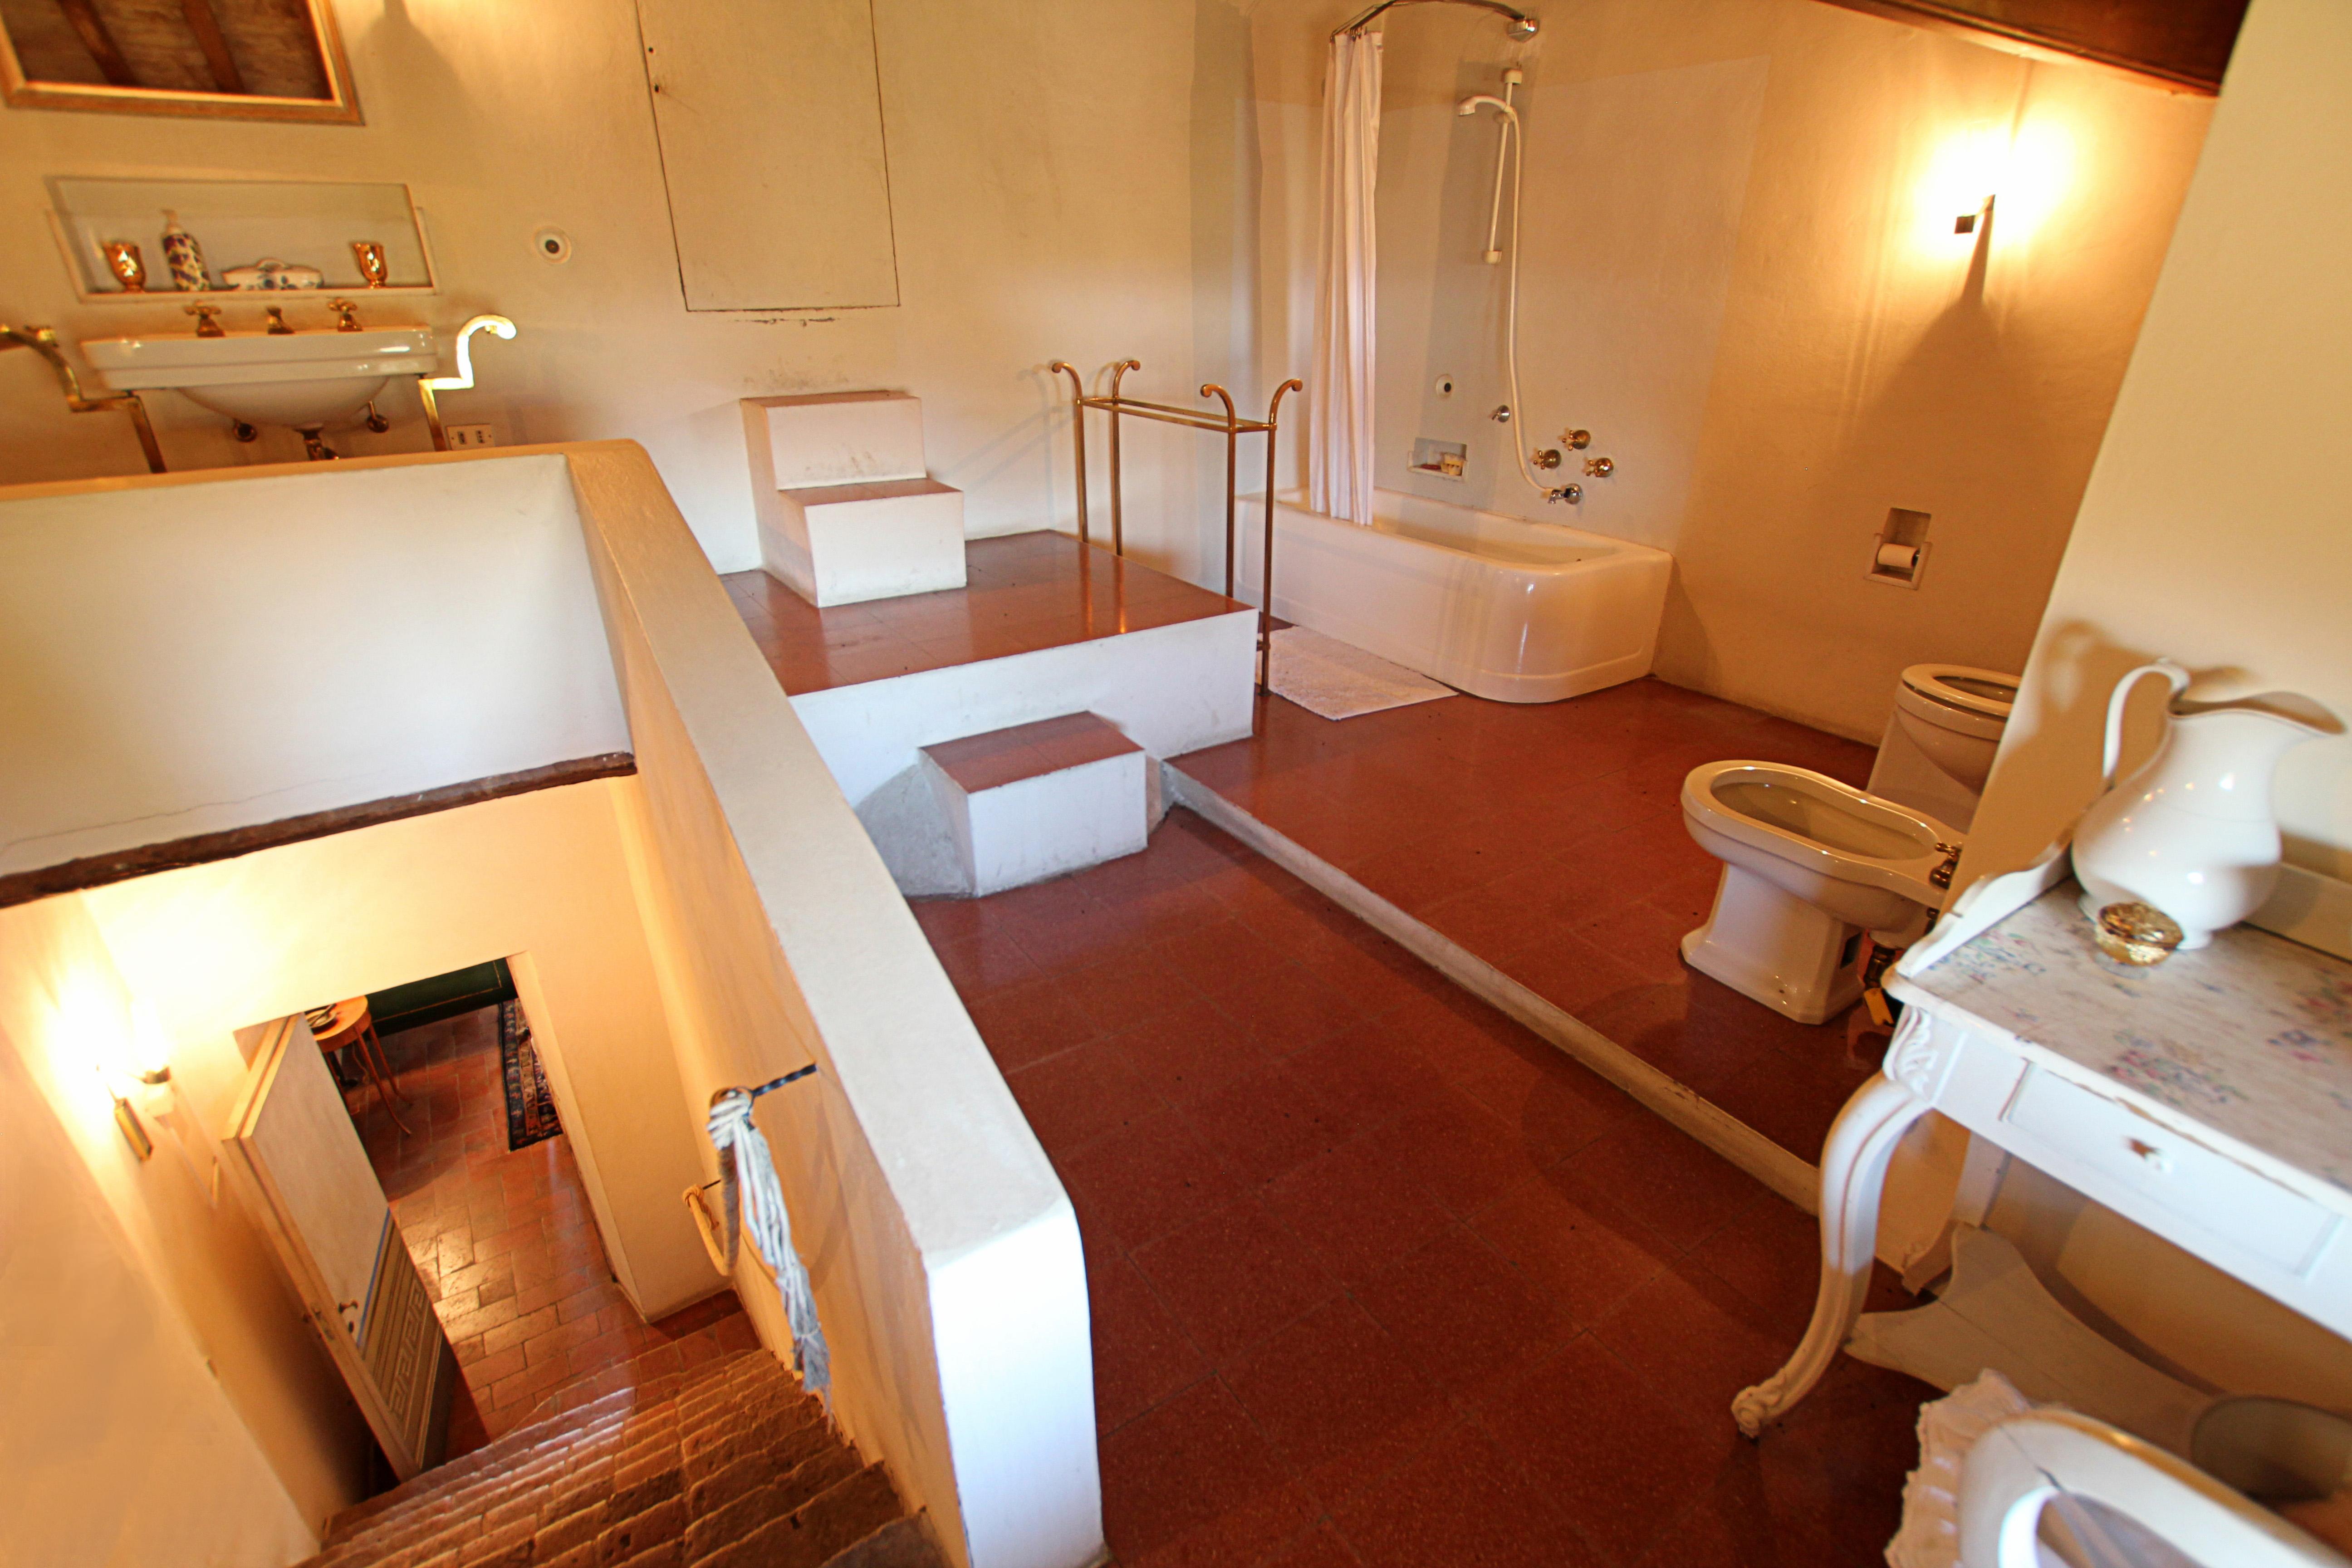 il bagno...in mansarda